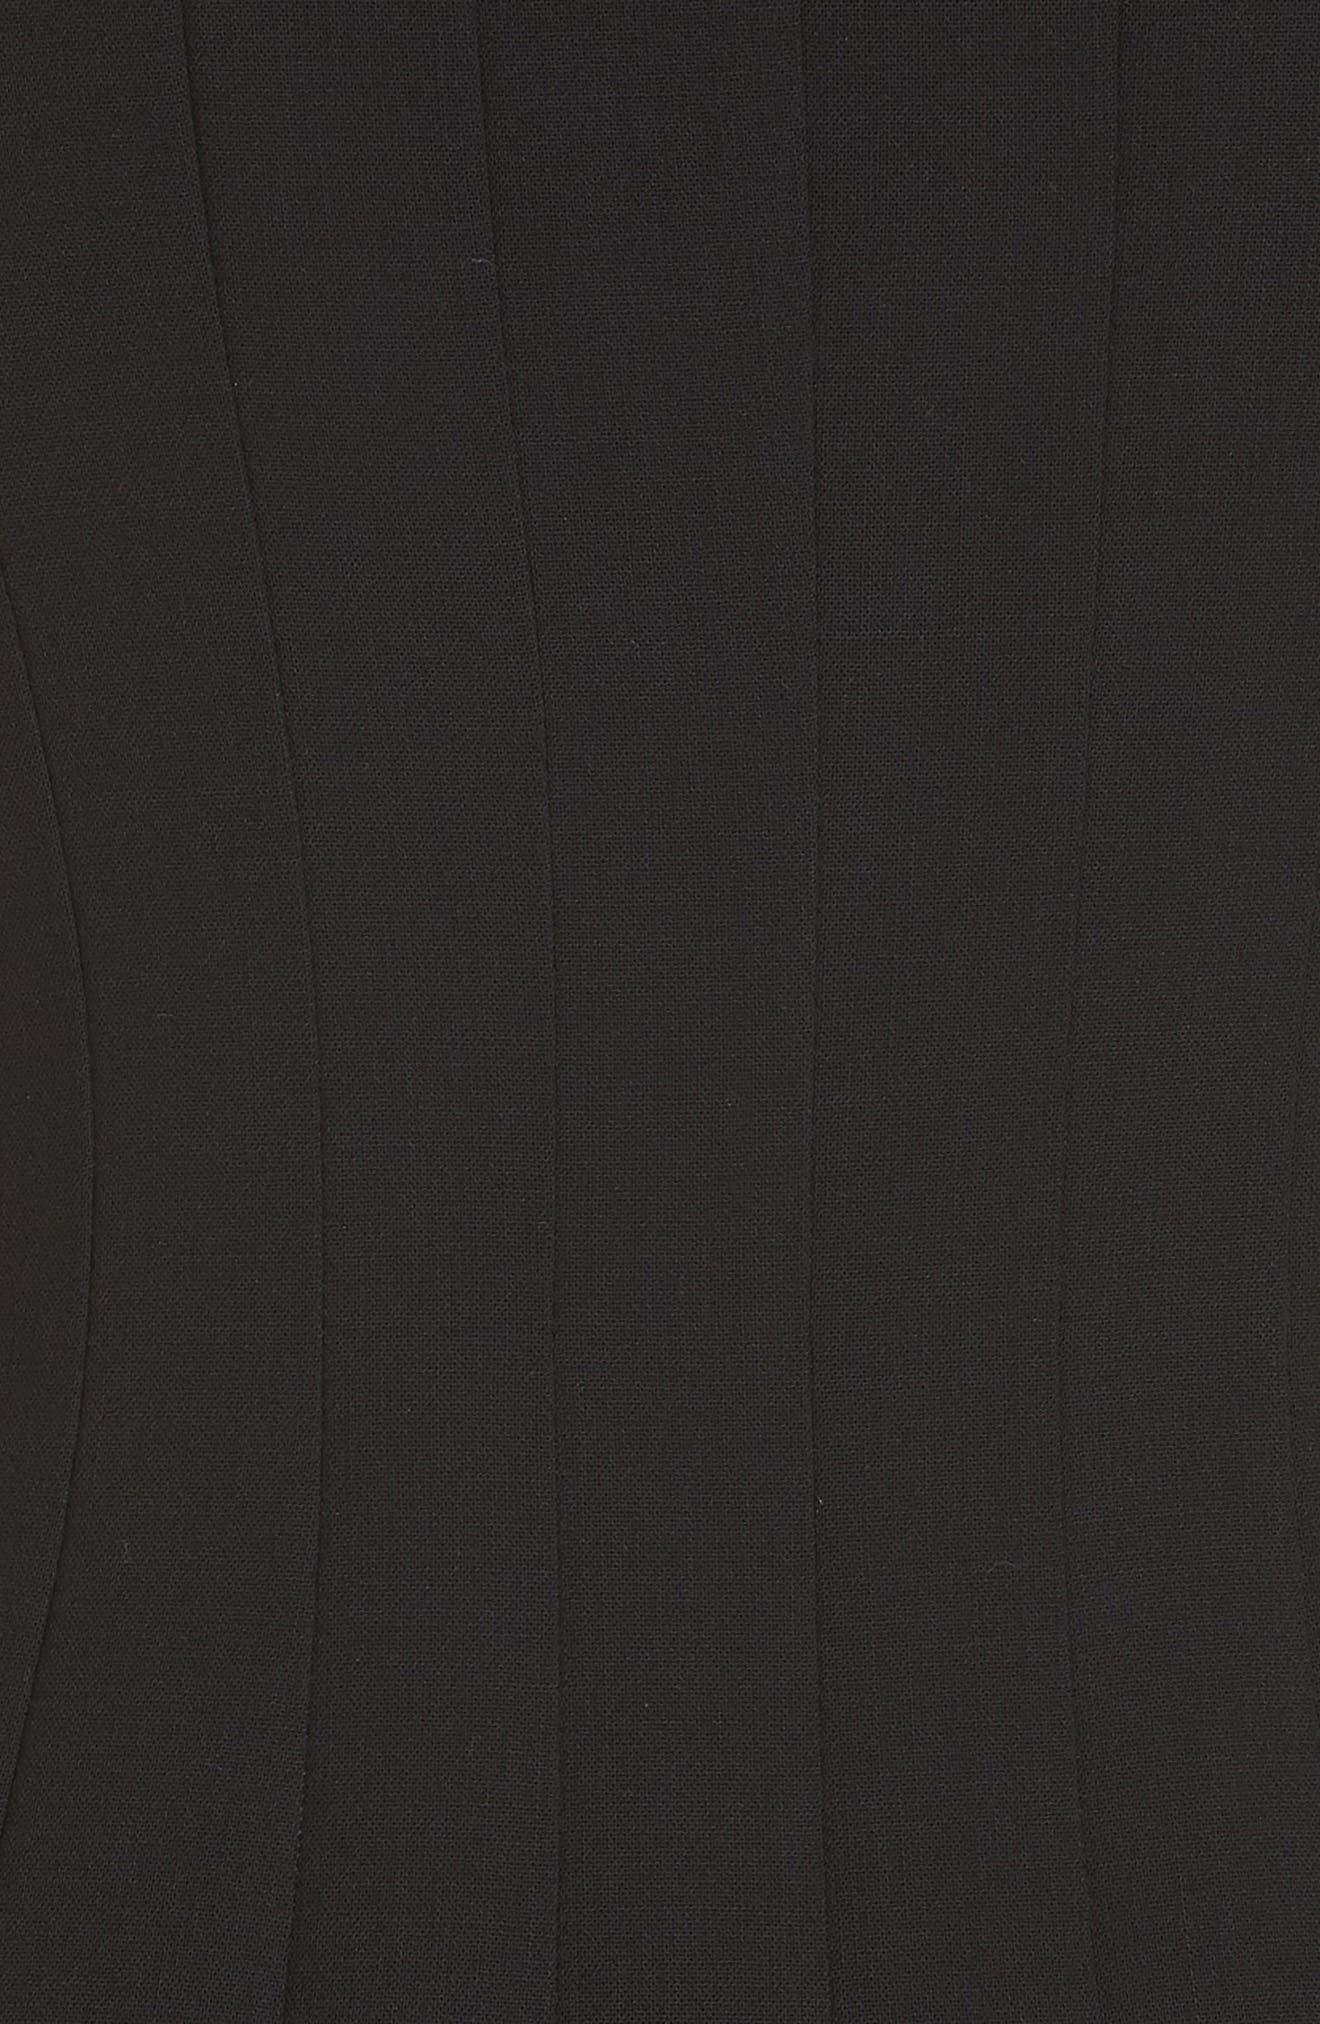 Sleeveless Godet Pleat Dress,                             Alternate thumbnail 5, color,                             Black